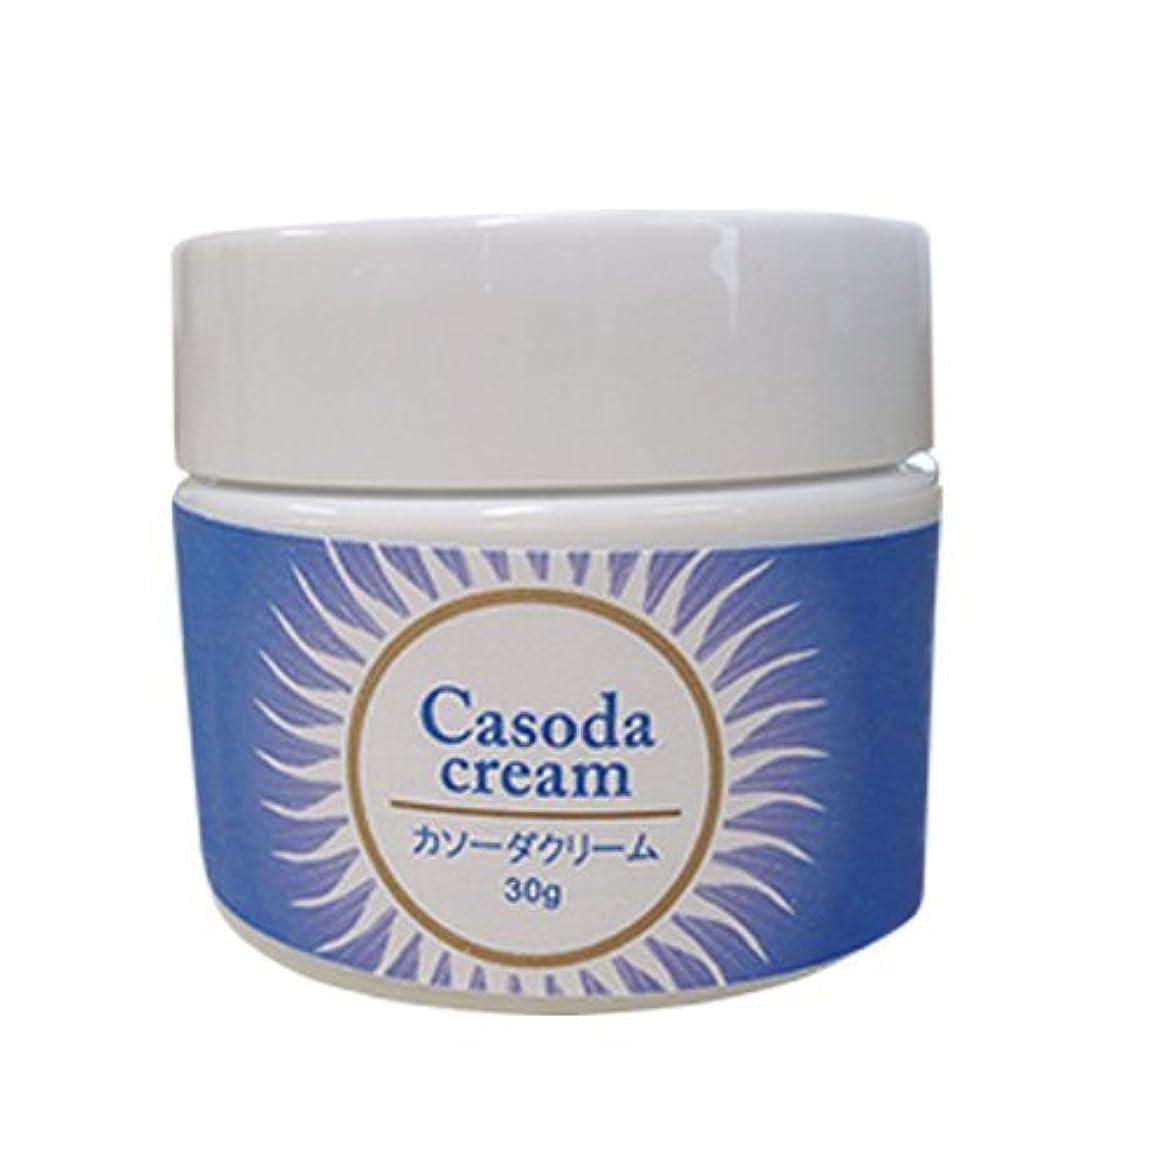 アルカトラズ島系統的フォルダcasoda カソーダ クリーム 30g